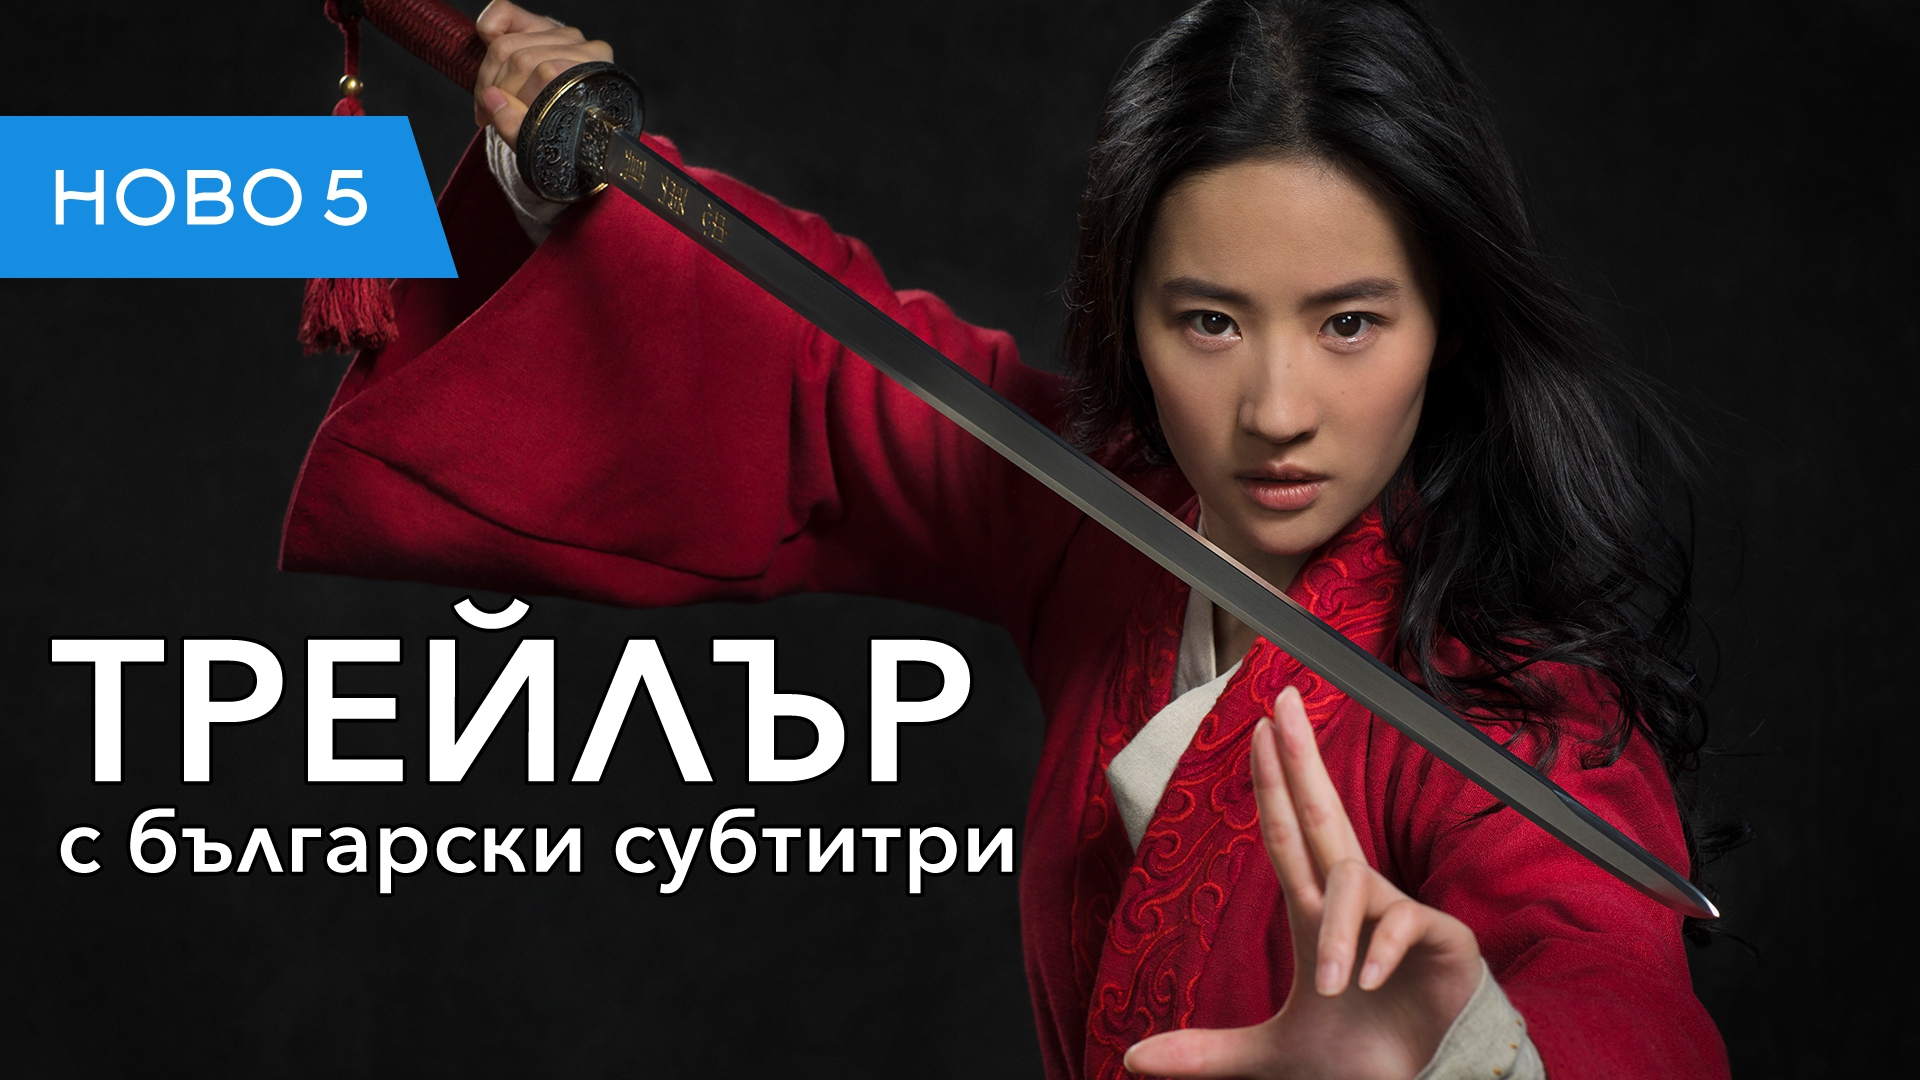 Мулан (2020) първи трейлър с български субтитри